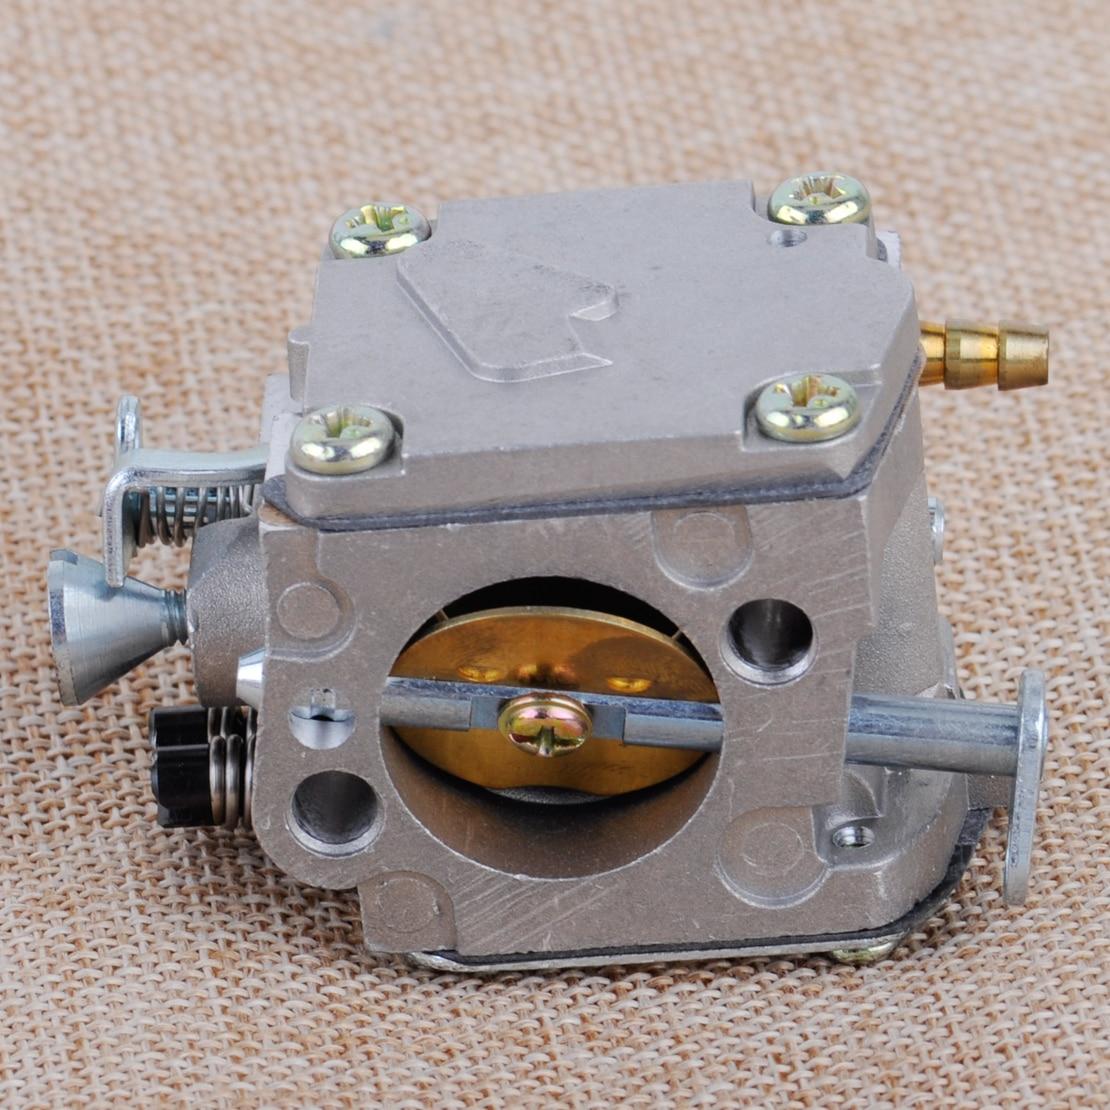 LETAOSK Carburetor Engine Motor Carb Fit for Husqvarna 61 266 268 272 272XP ChainsawLETAOSK Carburetor Engine Motor Carb Fit for Husqvarna 61 266 268 272 272XP Chainsaw